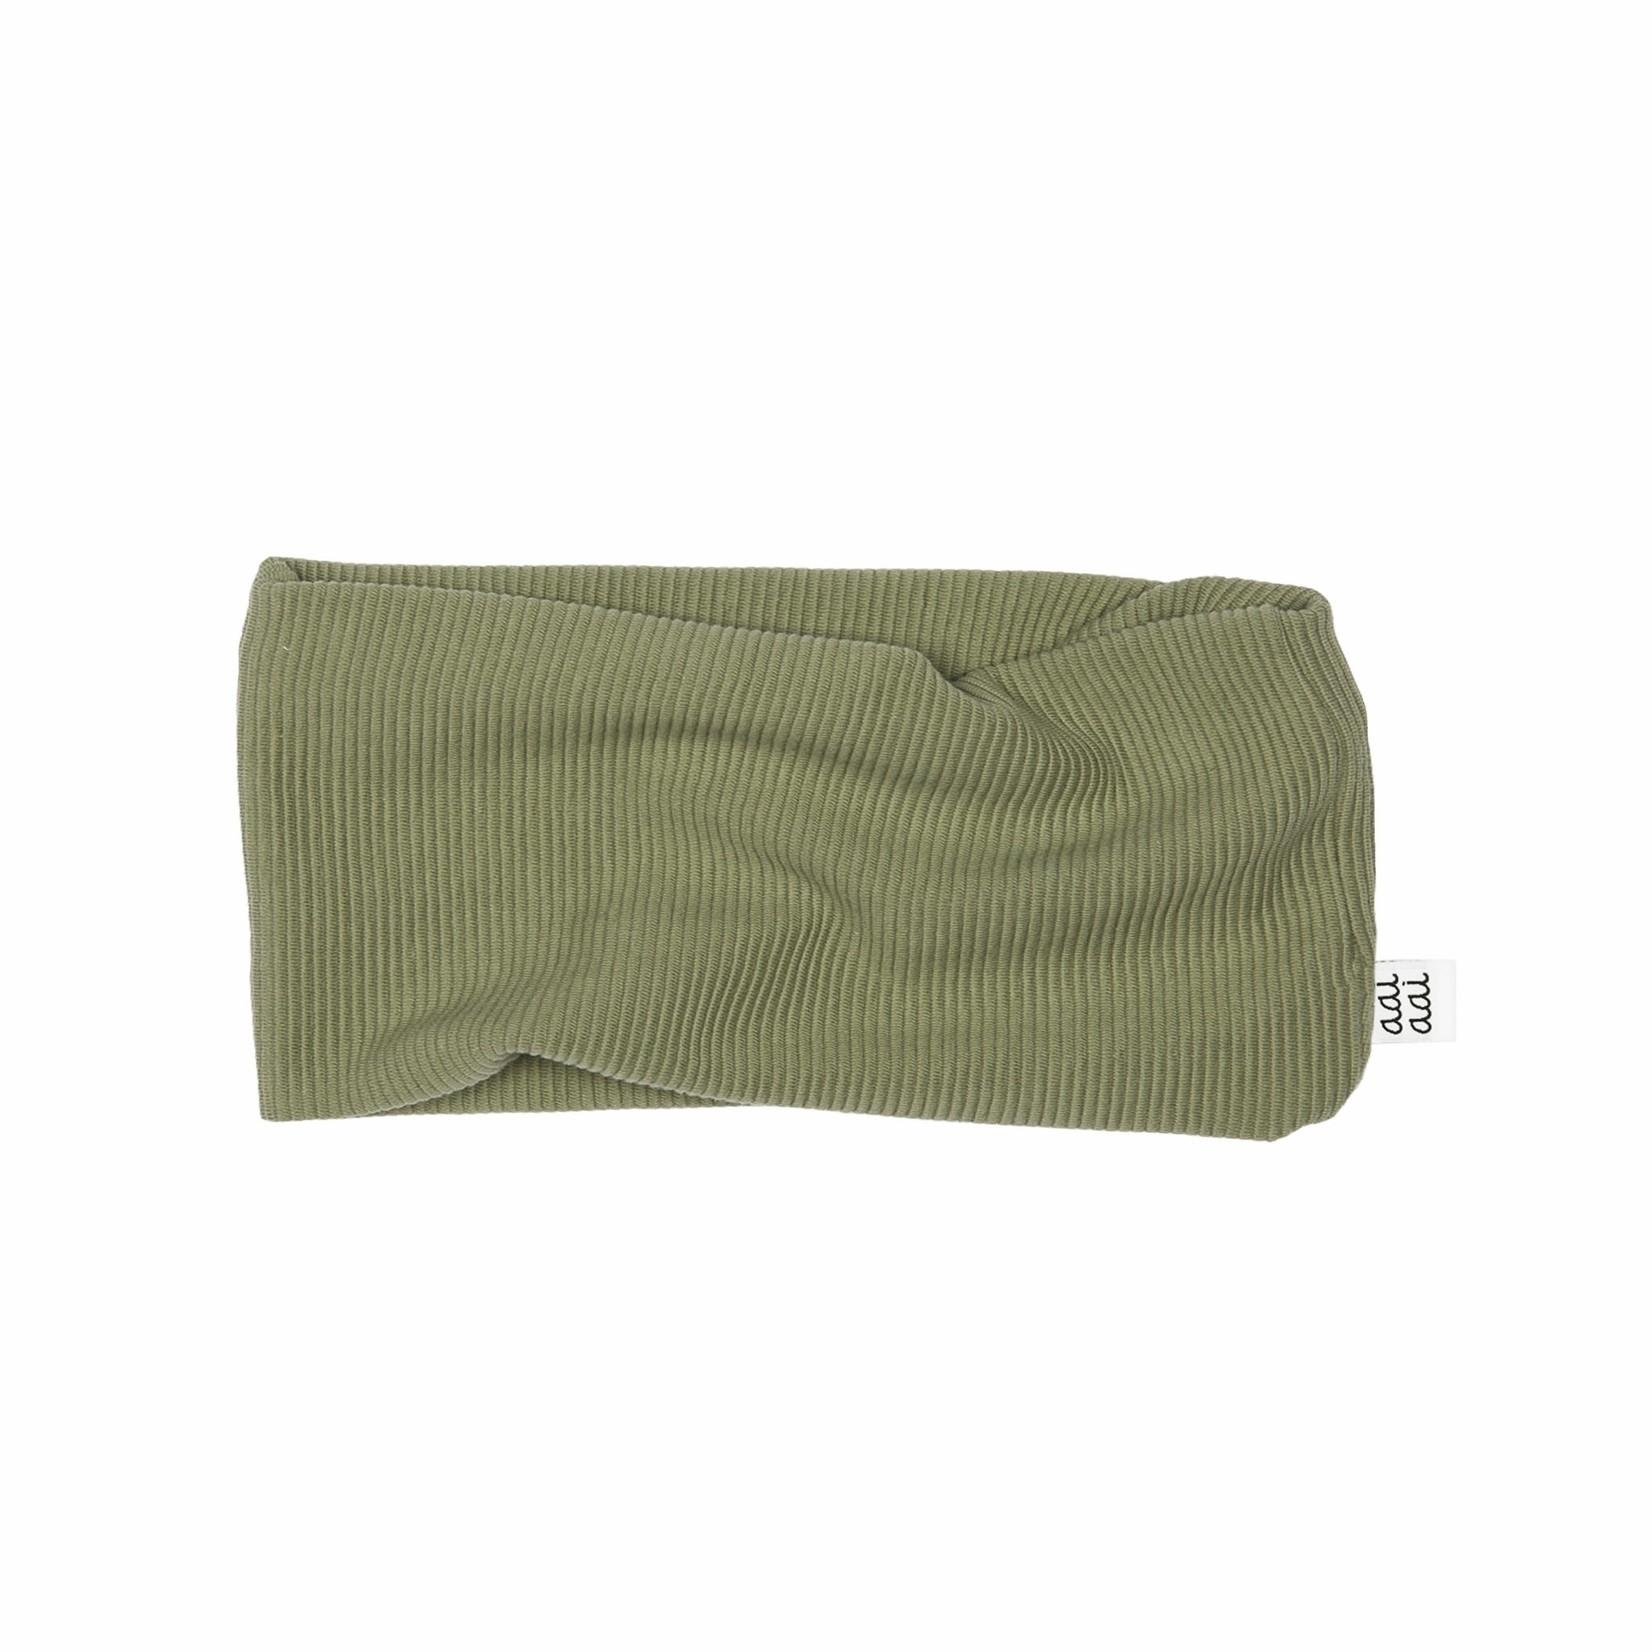 AAI AAI RIB sjaal (Olive)